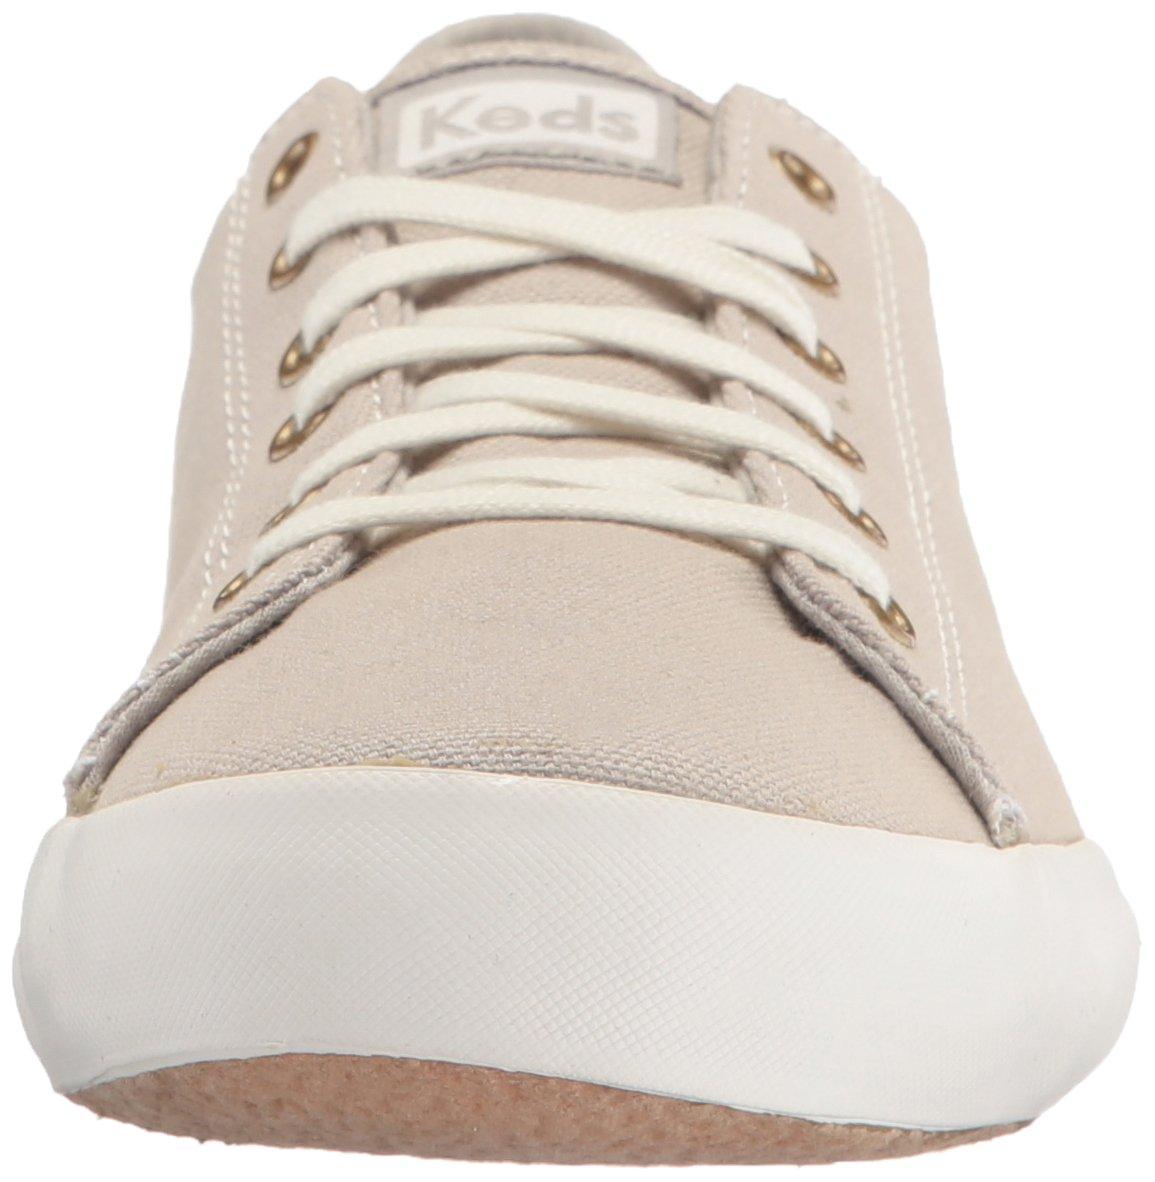 Keds Women's Lex LTT Fashion Sneaker B01I60LLNA 8.5 B(M) US Drizzle Gray